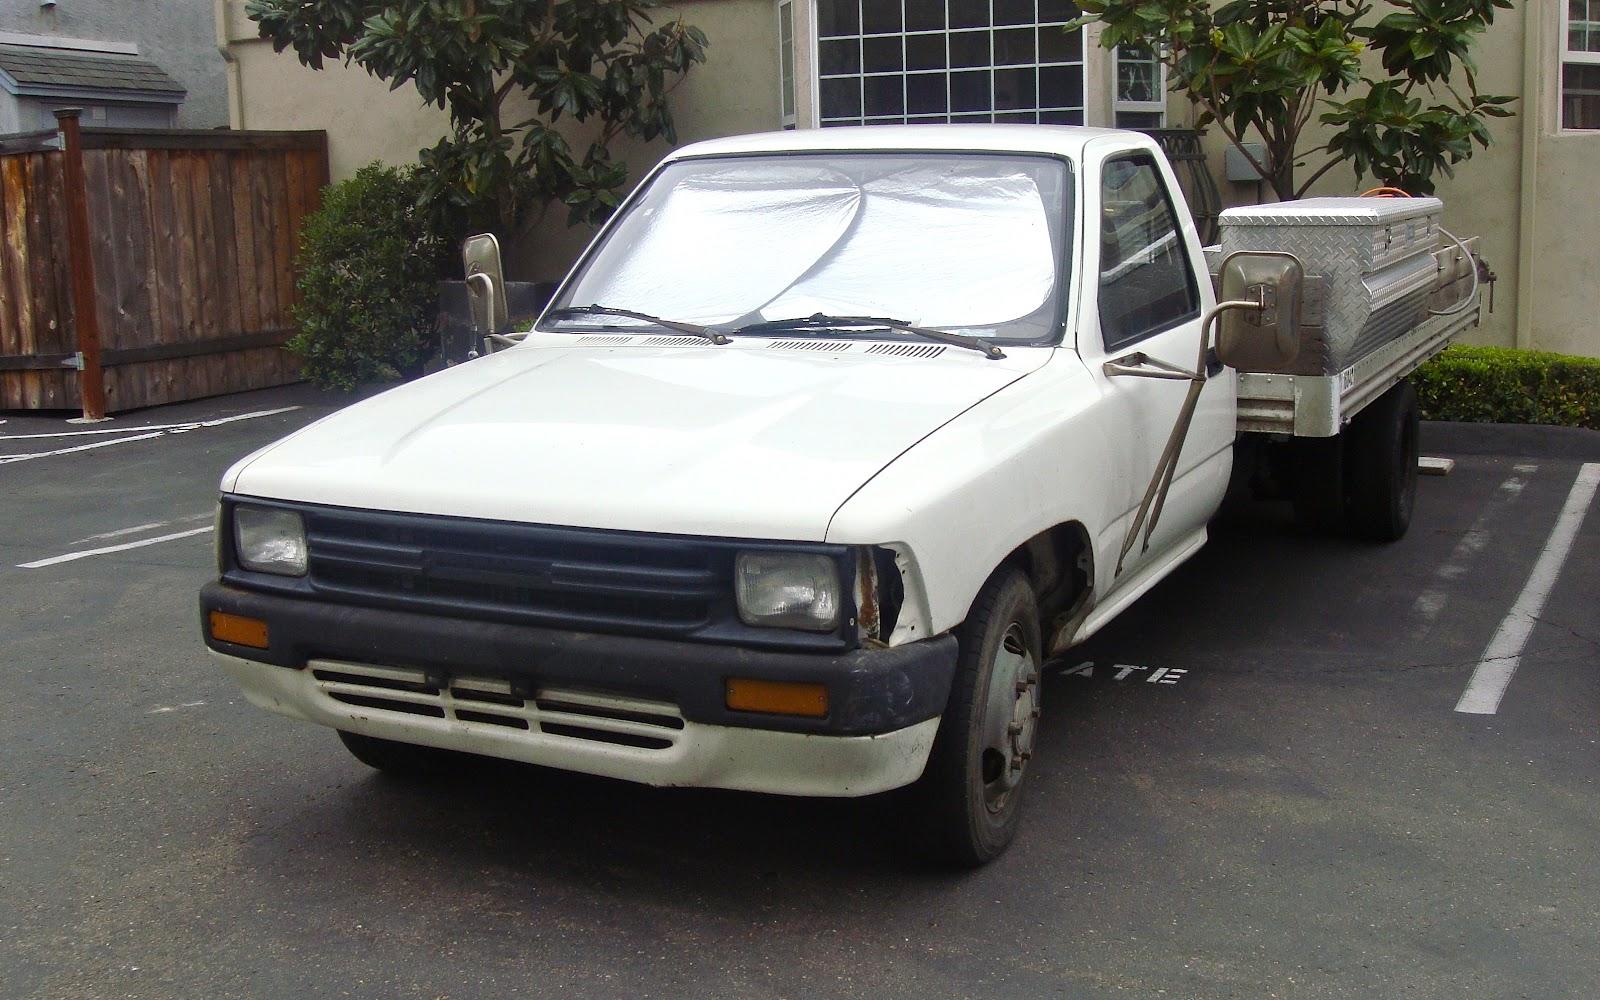 Toyota+1+Ton+Dually_89_5 toyota 1 ton dually truck on isuzu pup wiring diagram